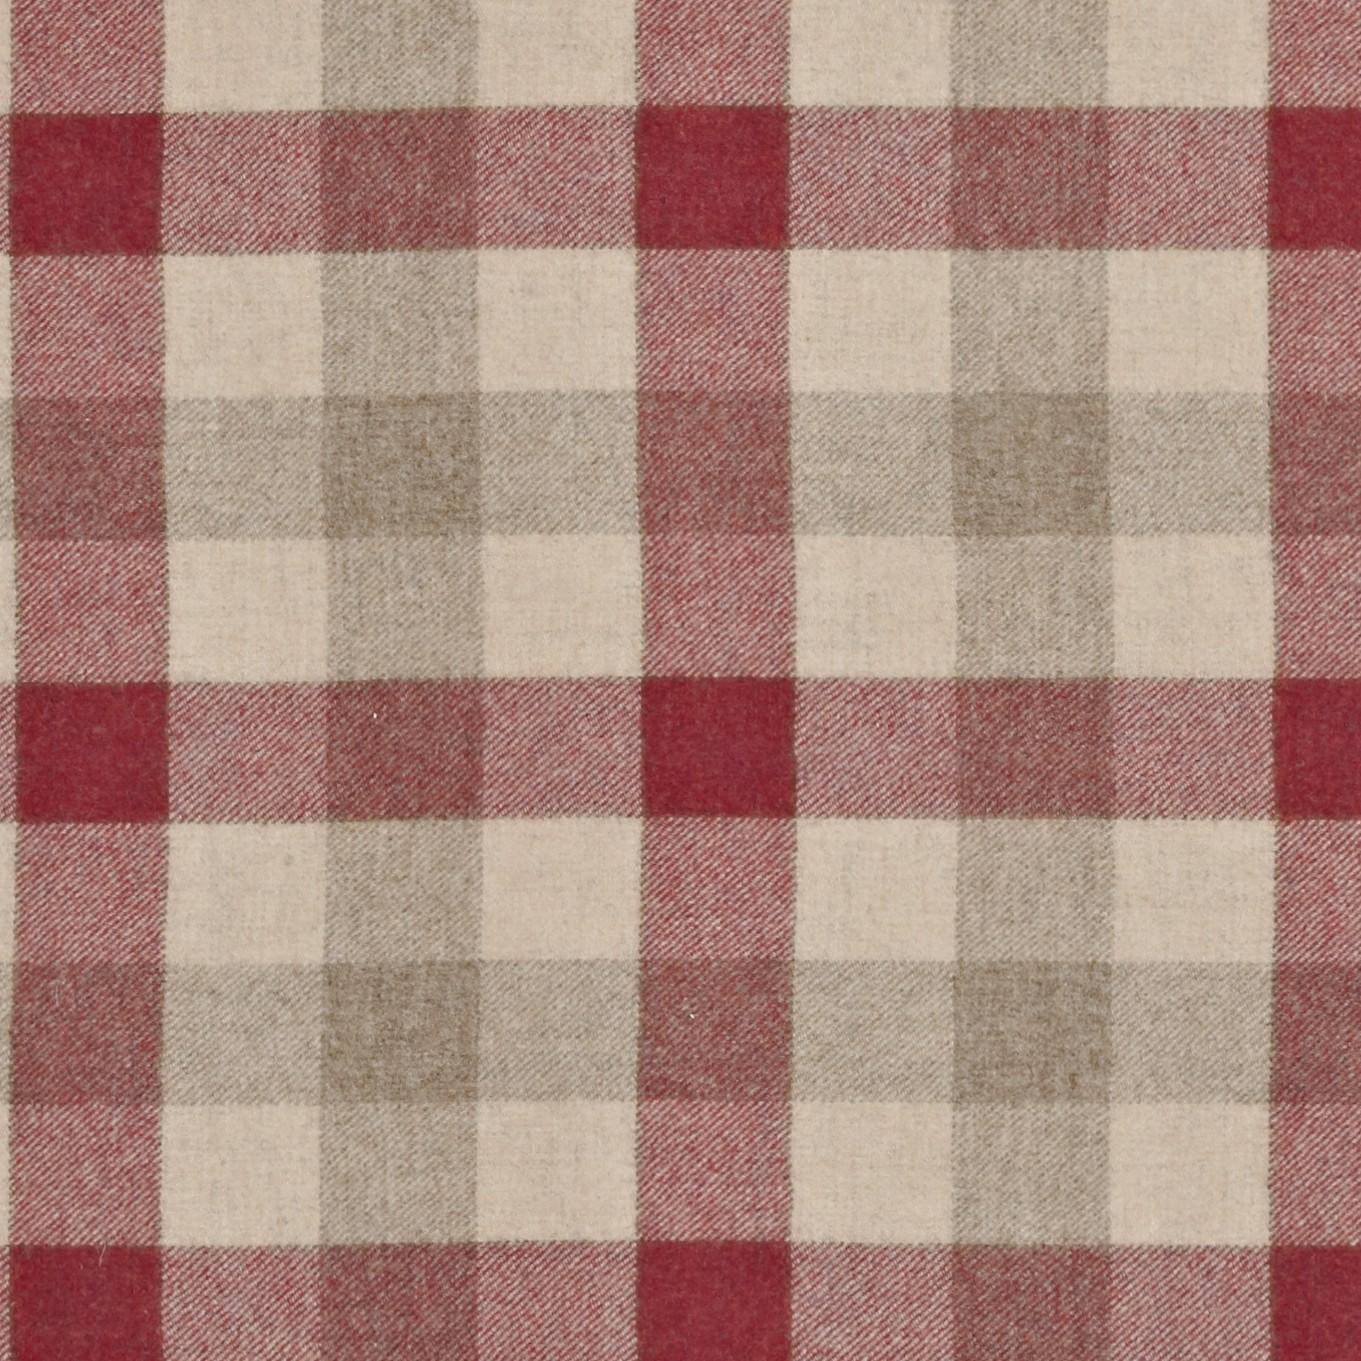 John Lewis Rupert Woven Wool Fabric